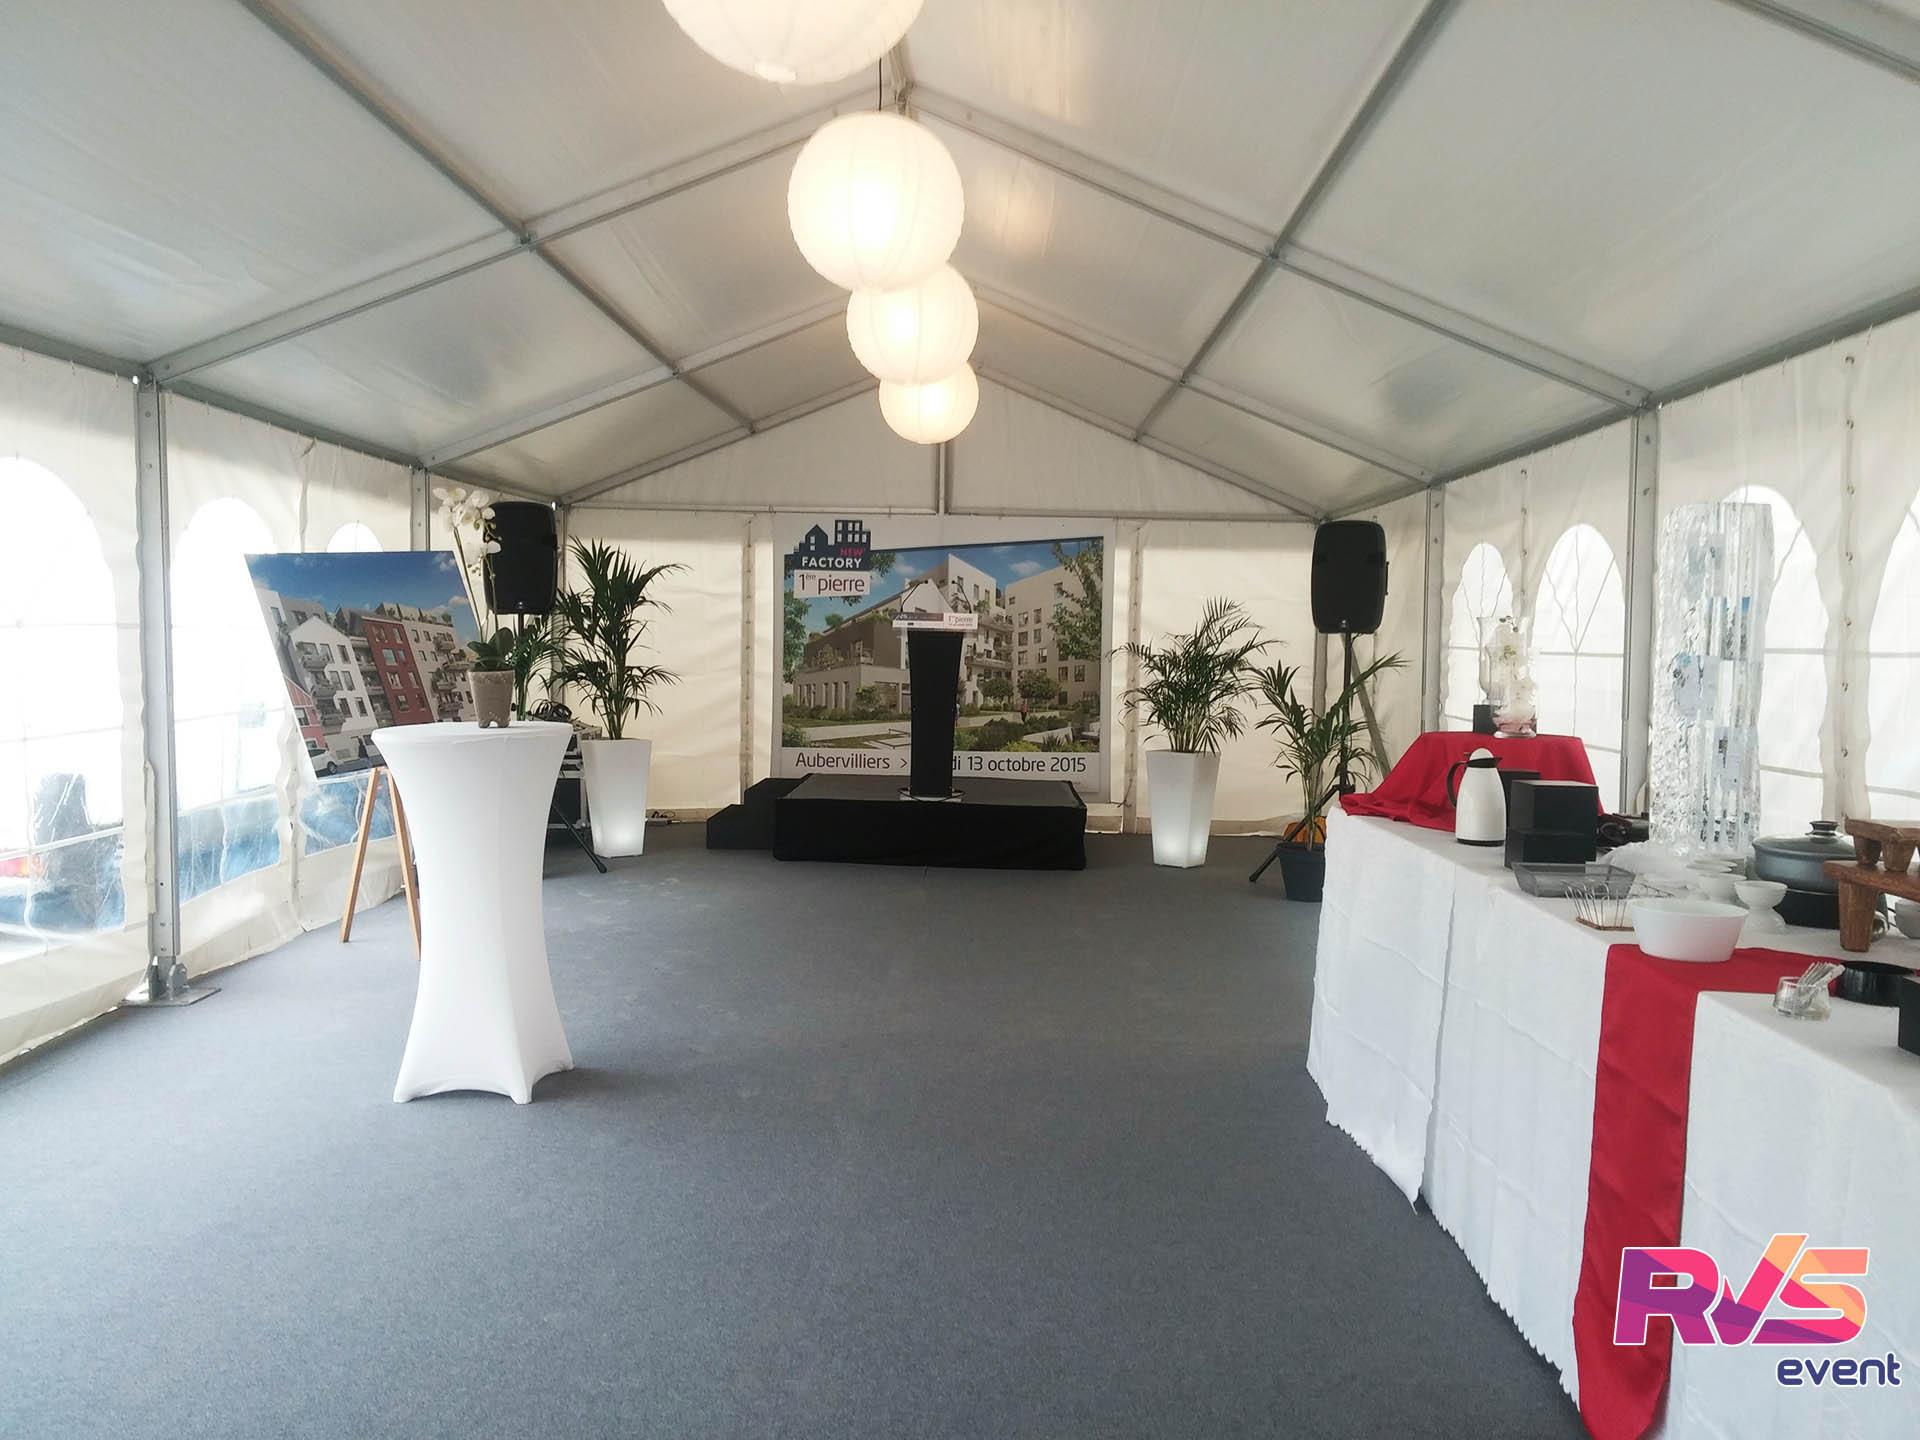 Inauguration sous barnum kaufman&broad   tente de réception